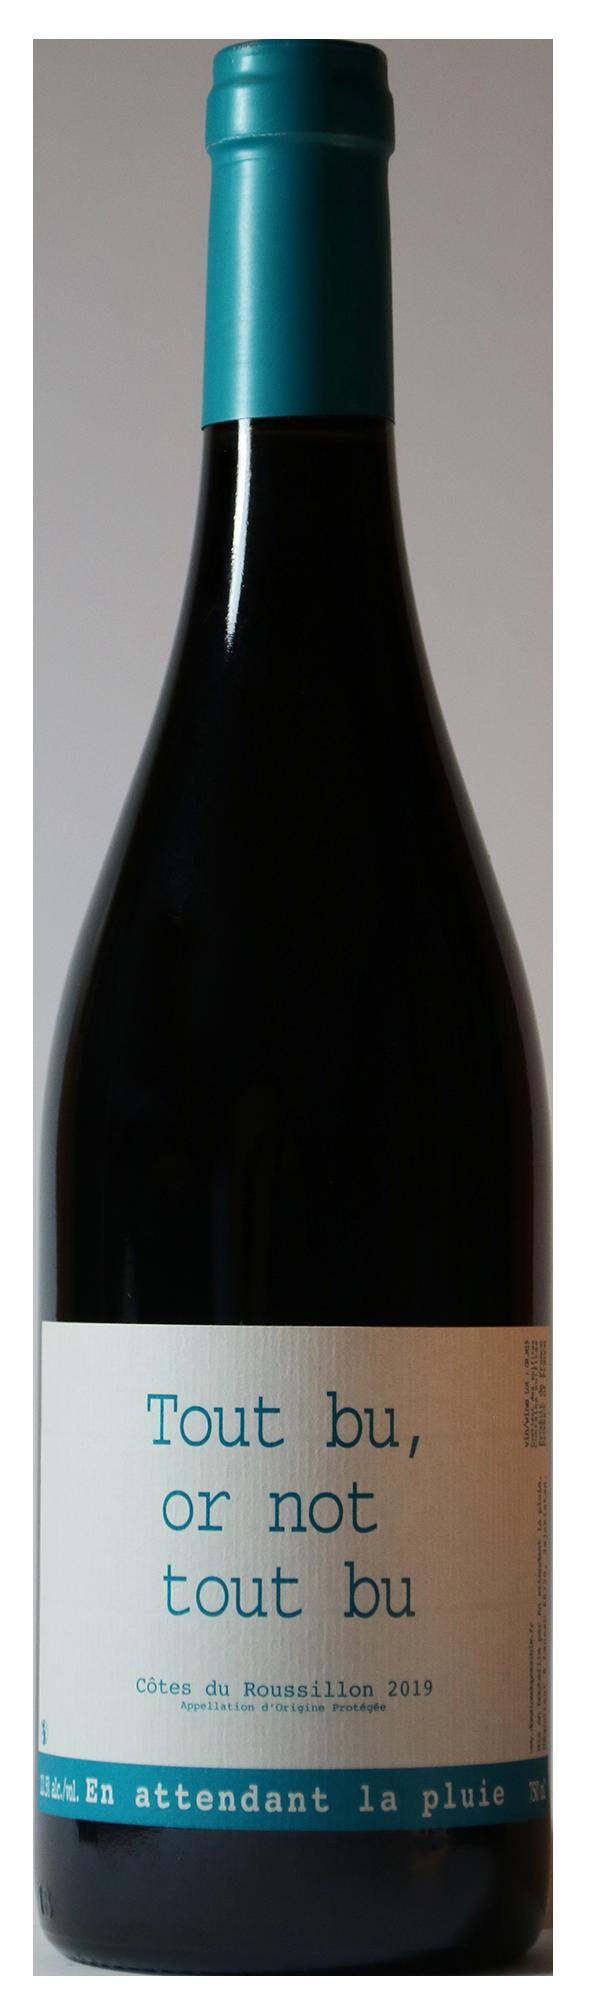 Bouteille de vin rouge naturel, Tout Bu or not Tout Bu 2019